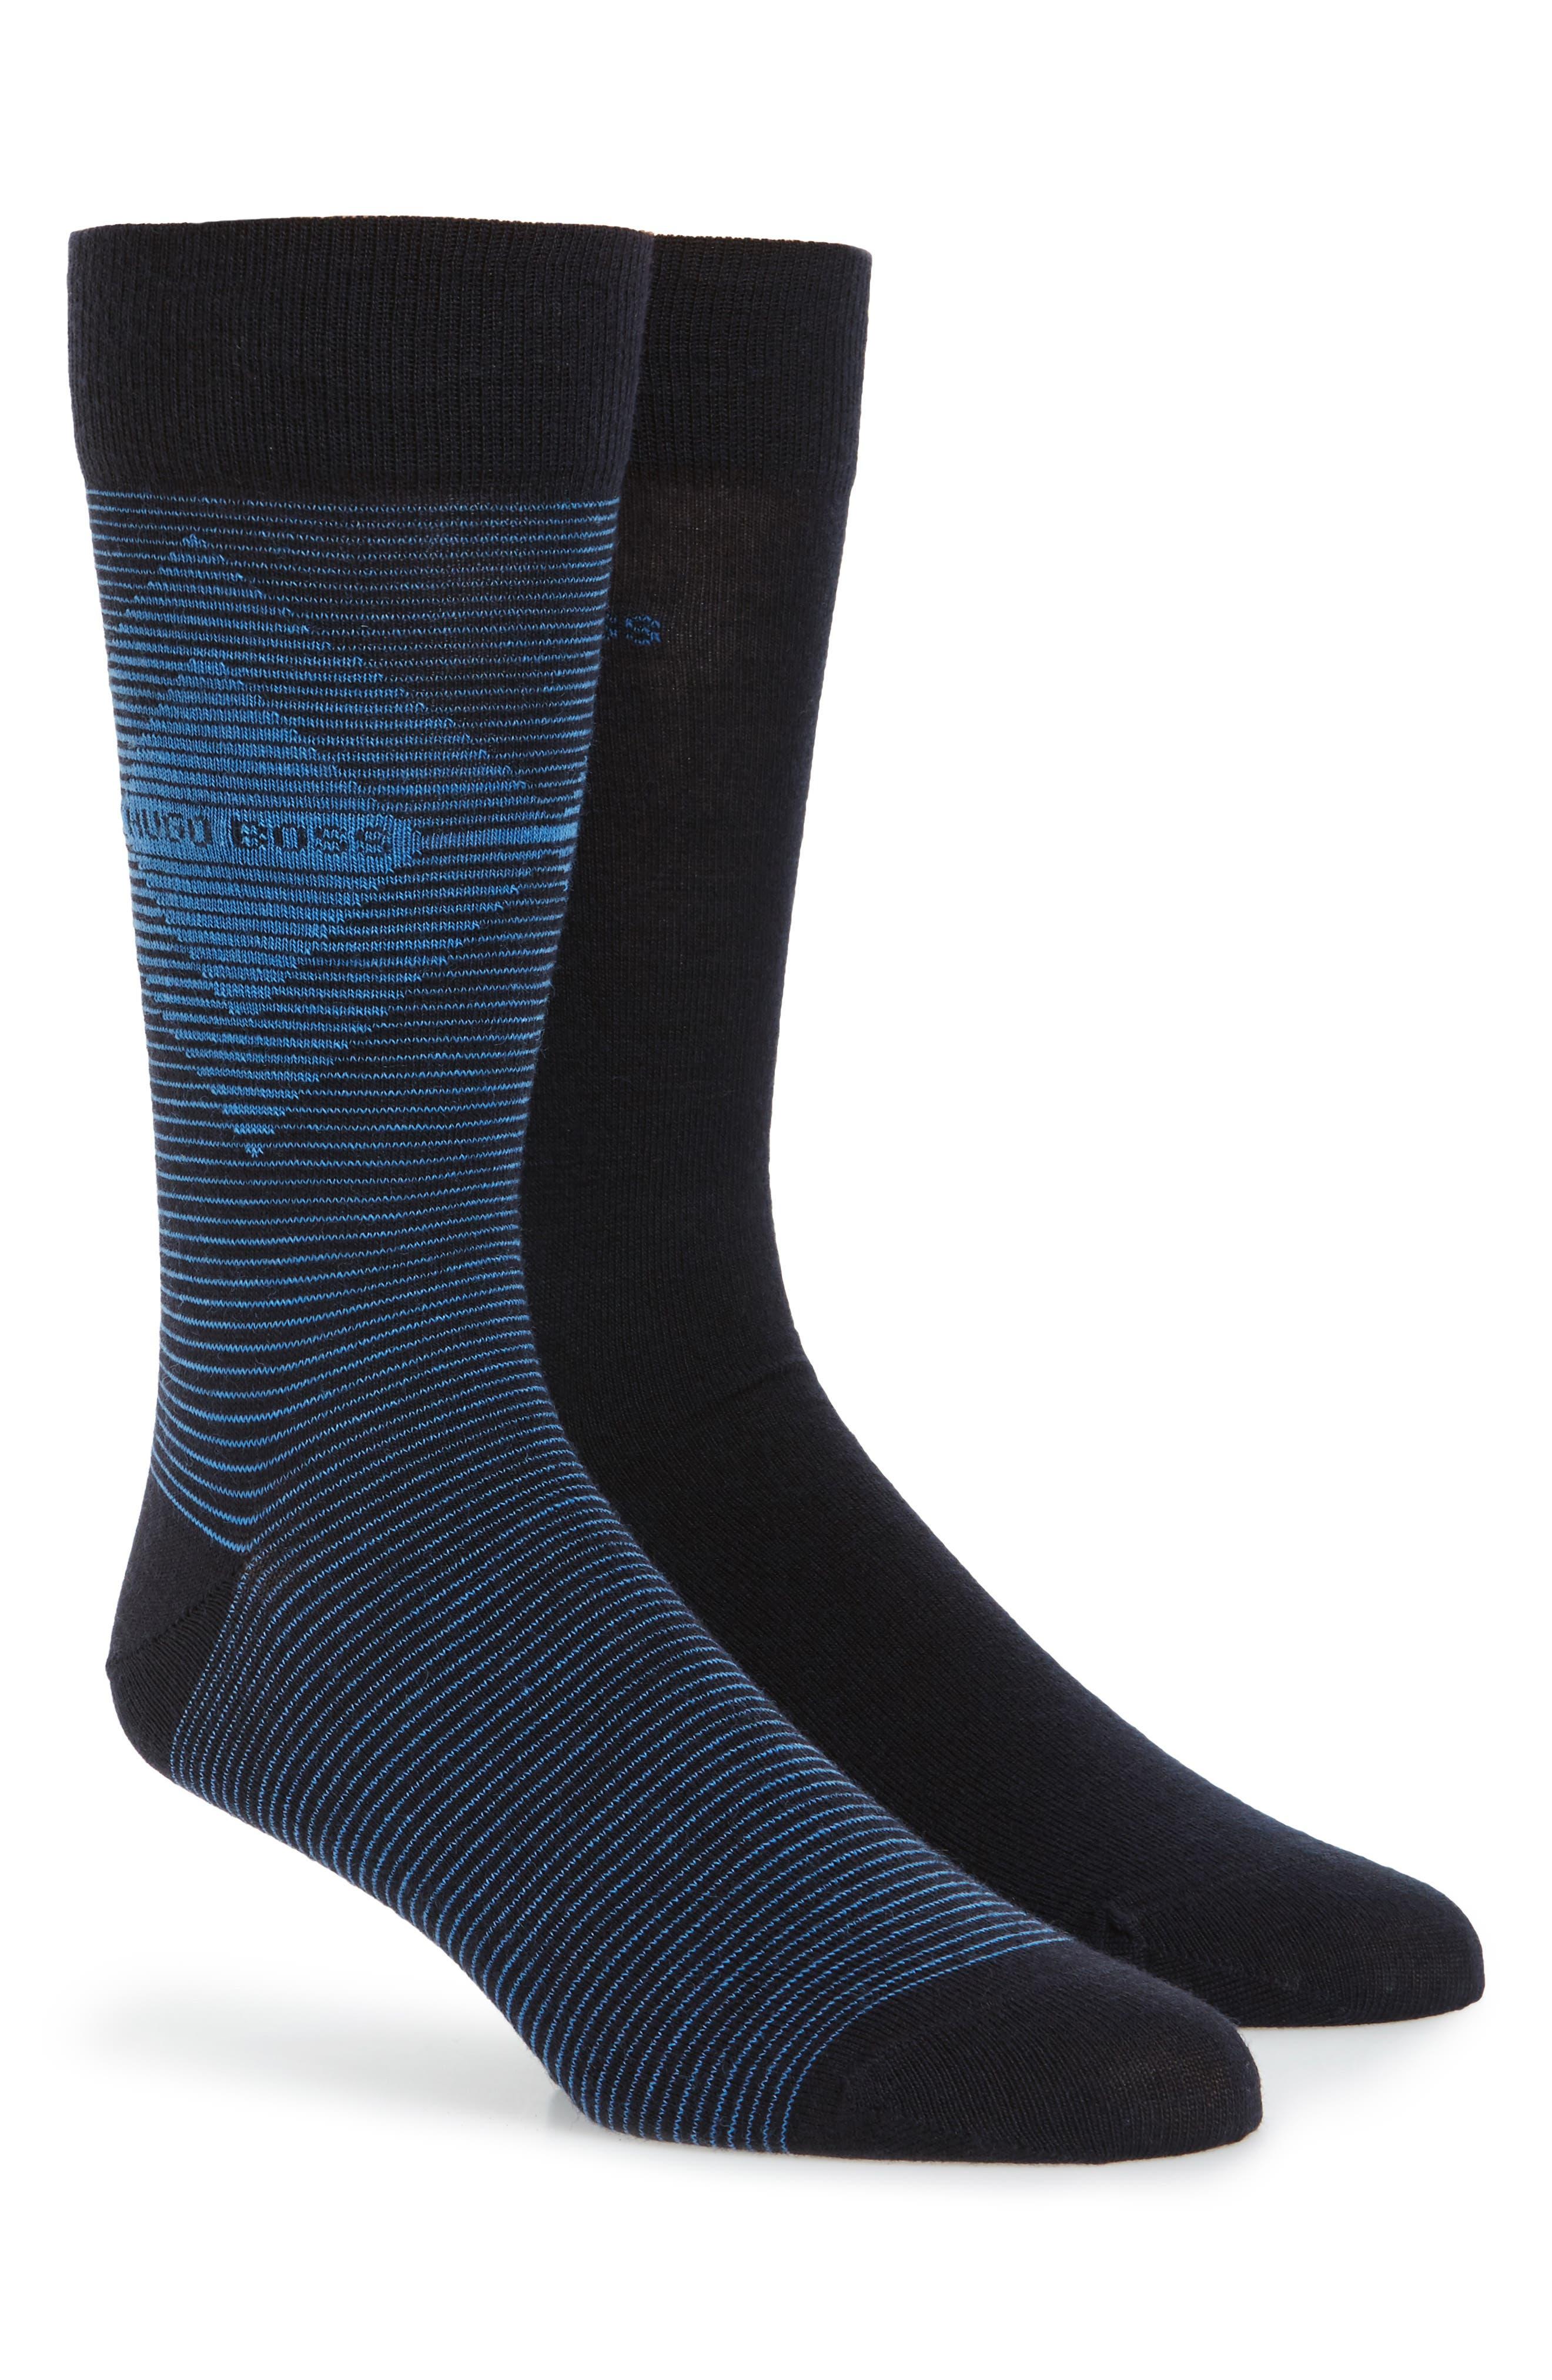 BOSS 2-Pack Wool Blend Socks